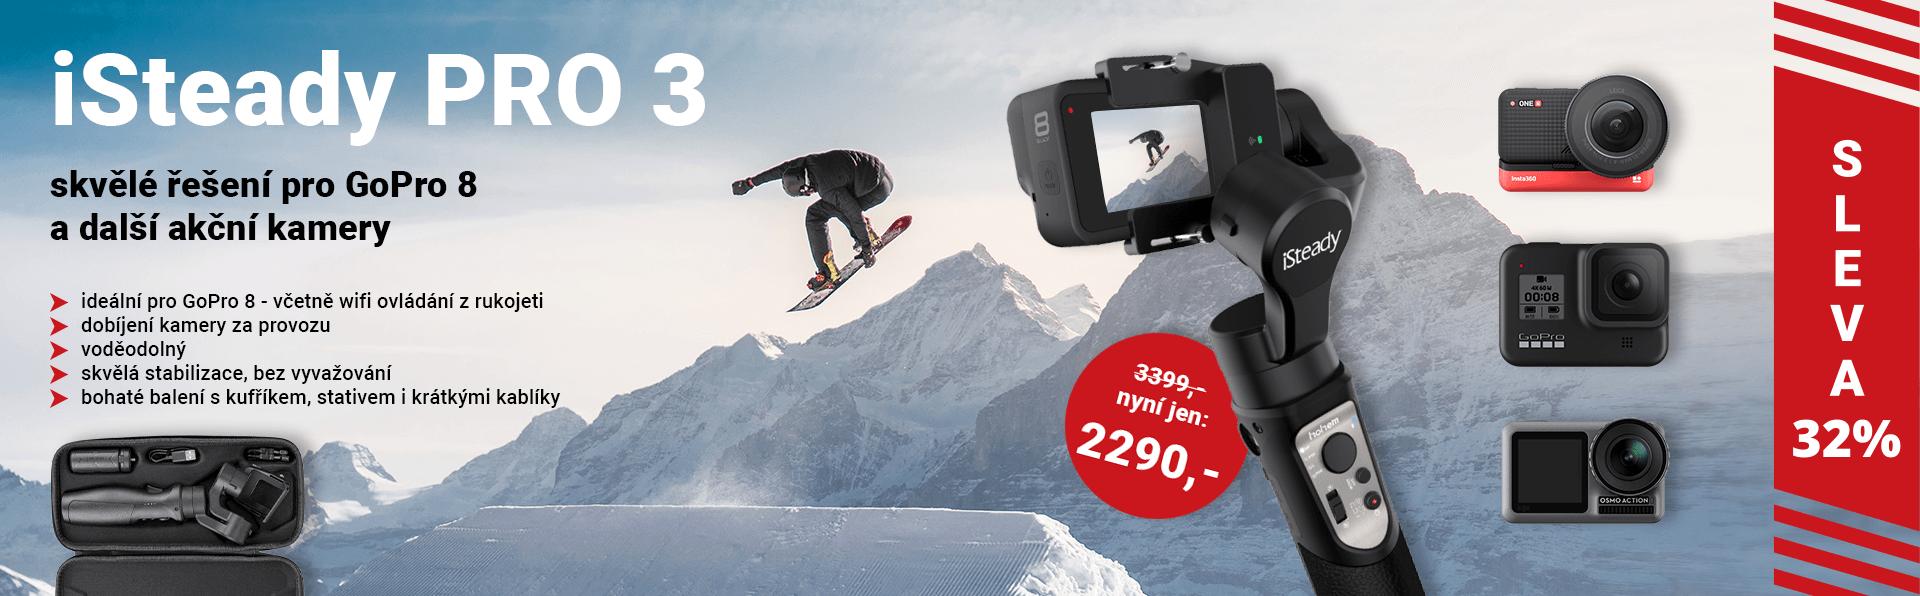 Hohem iSteady PRO 3 - skvělý voděodolný stabilizátor akčních kamer GoPro 5,6,7,8 a Osmo Action